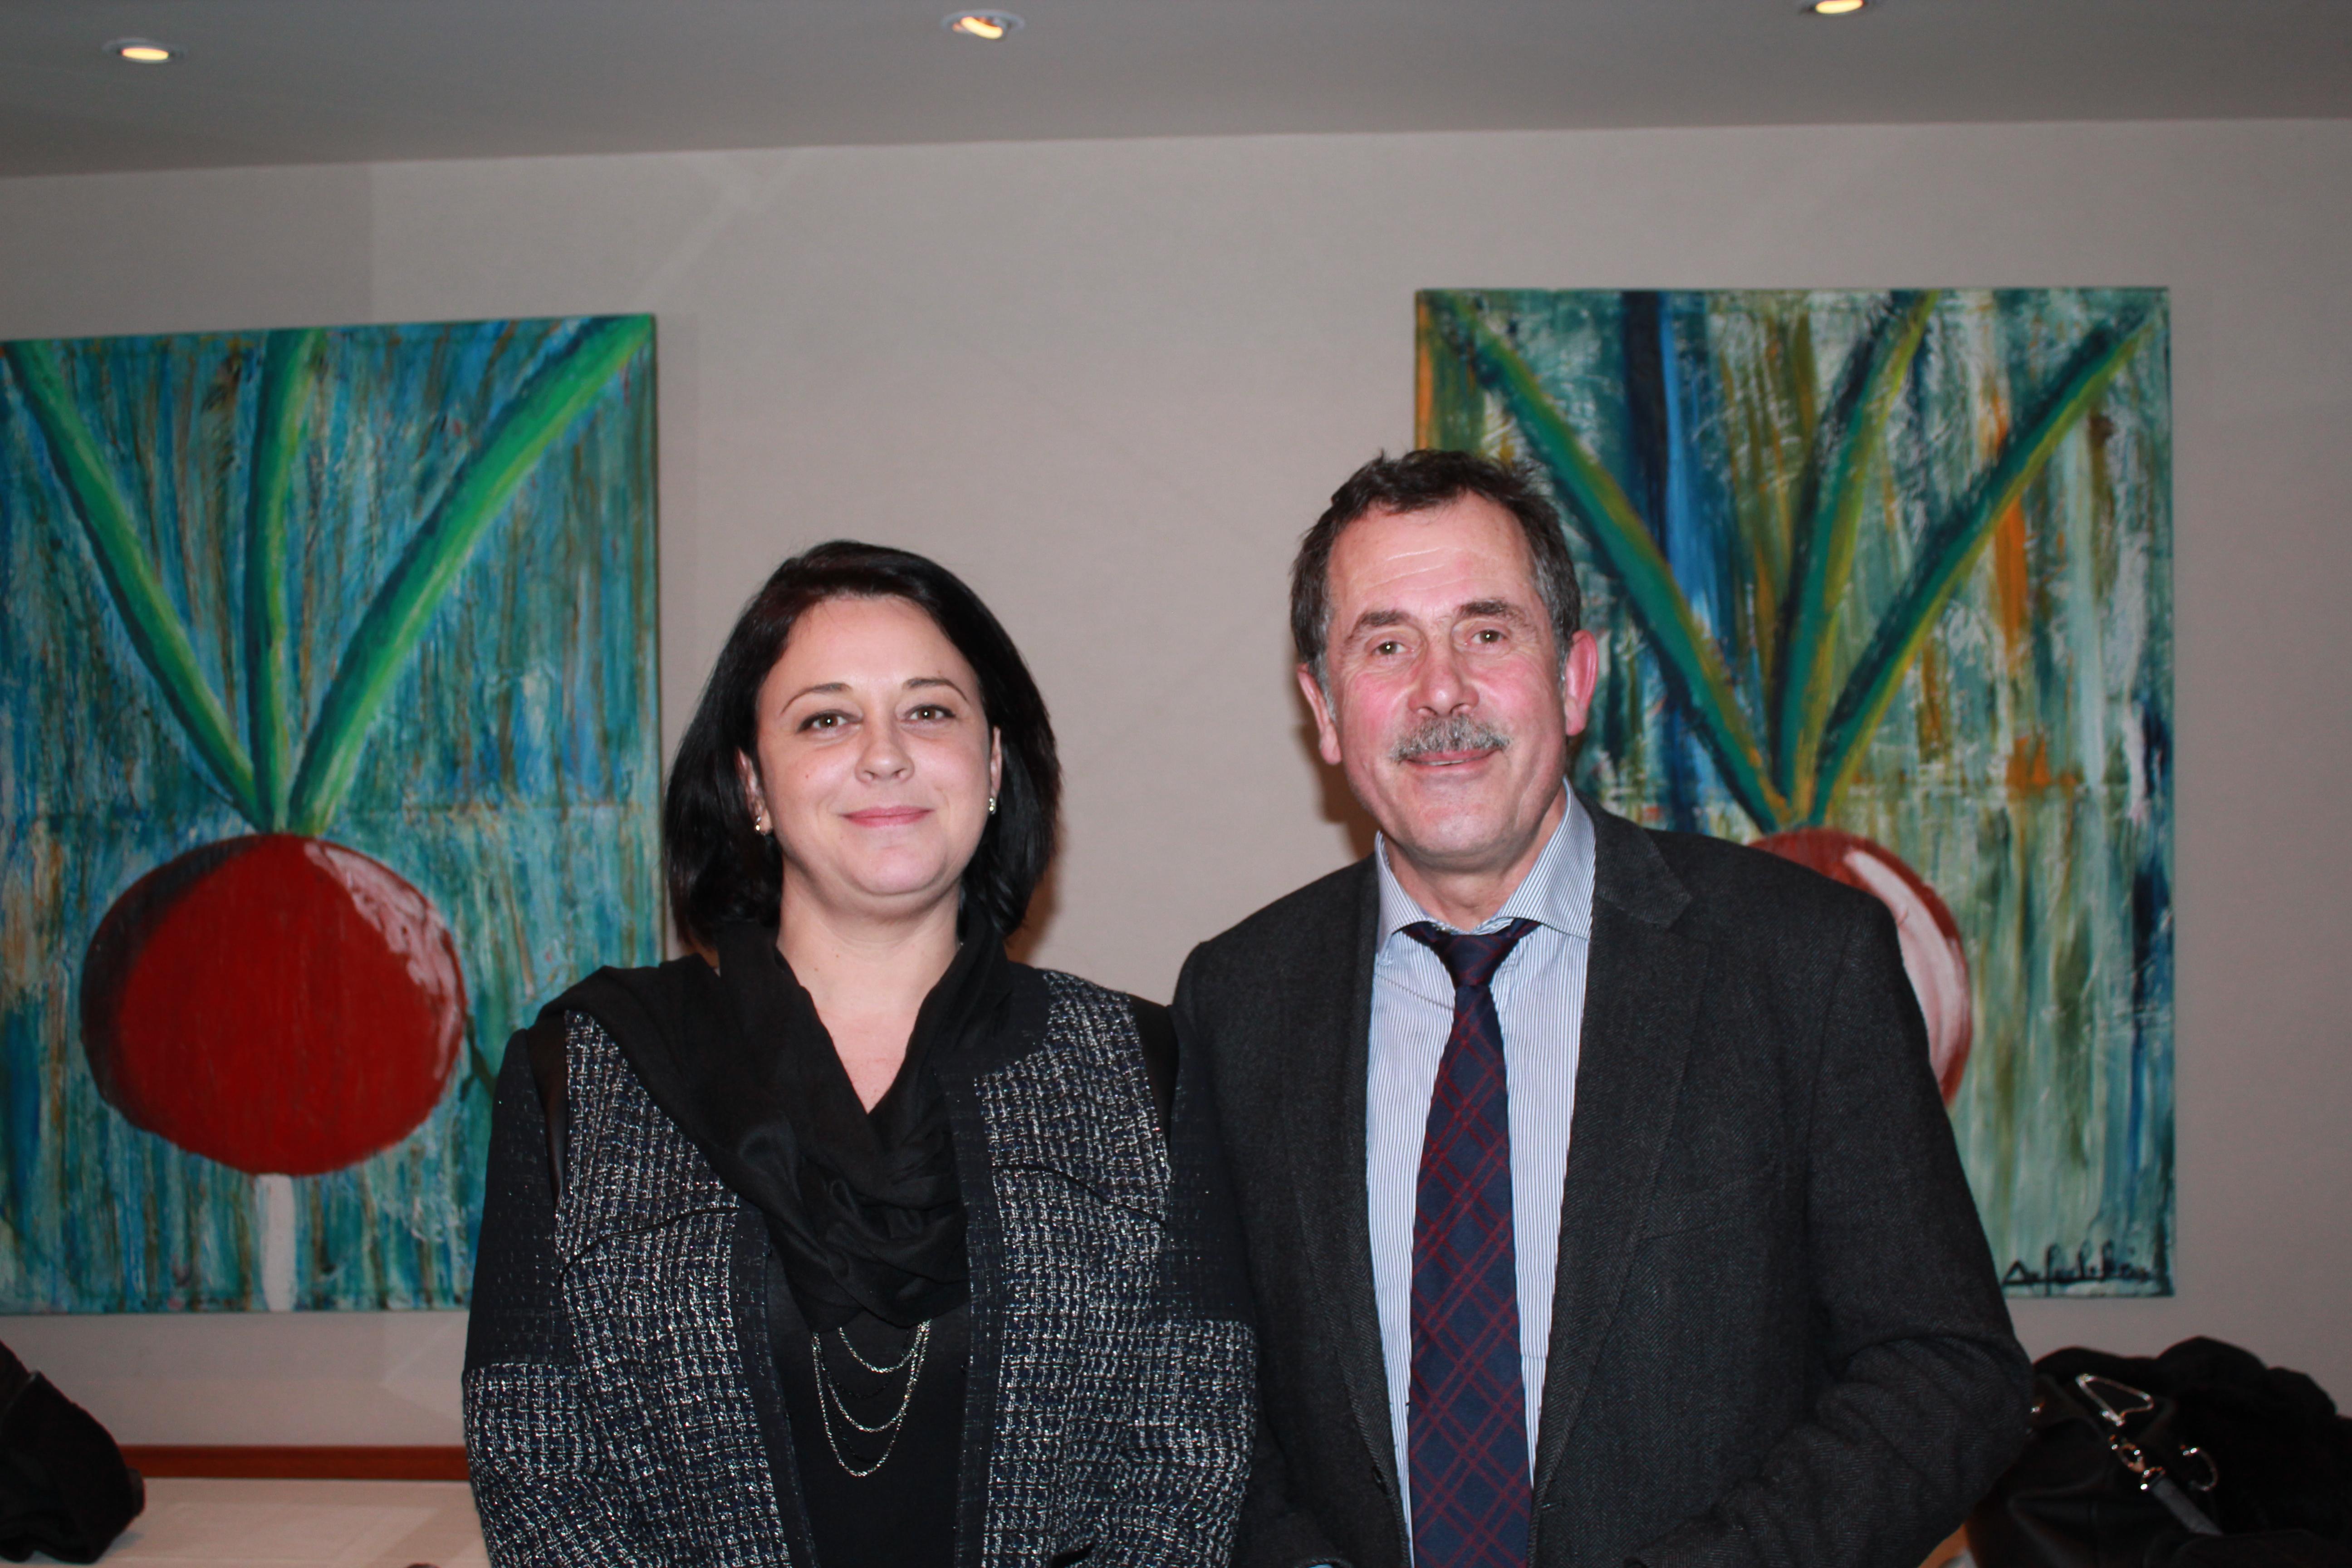 Sylvia Pinel aux côté de Pierre Yves Reboux